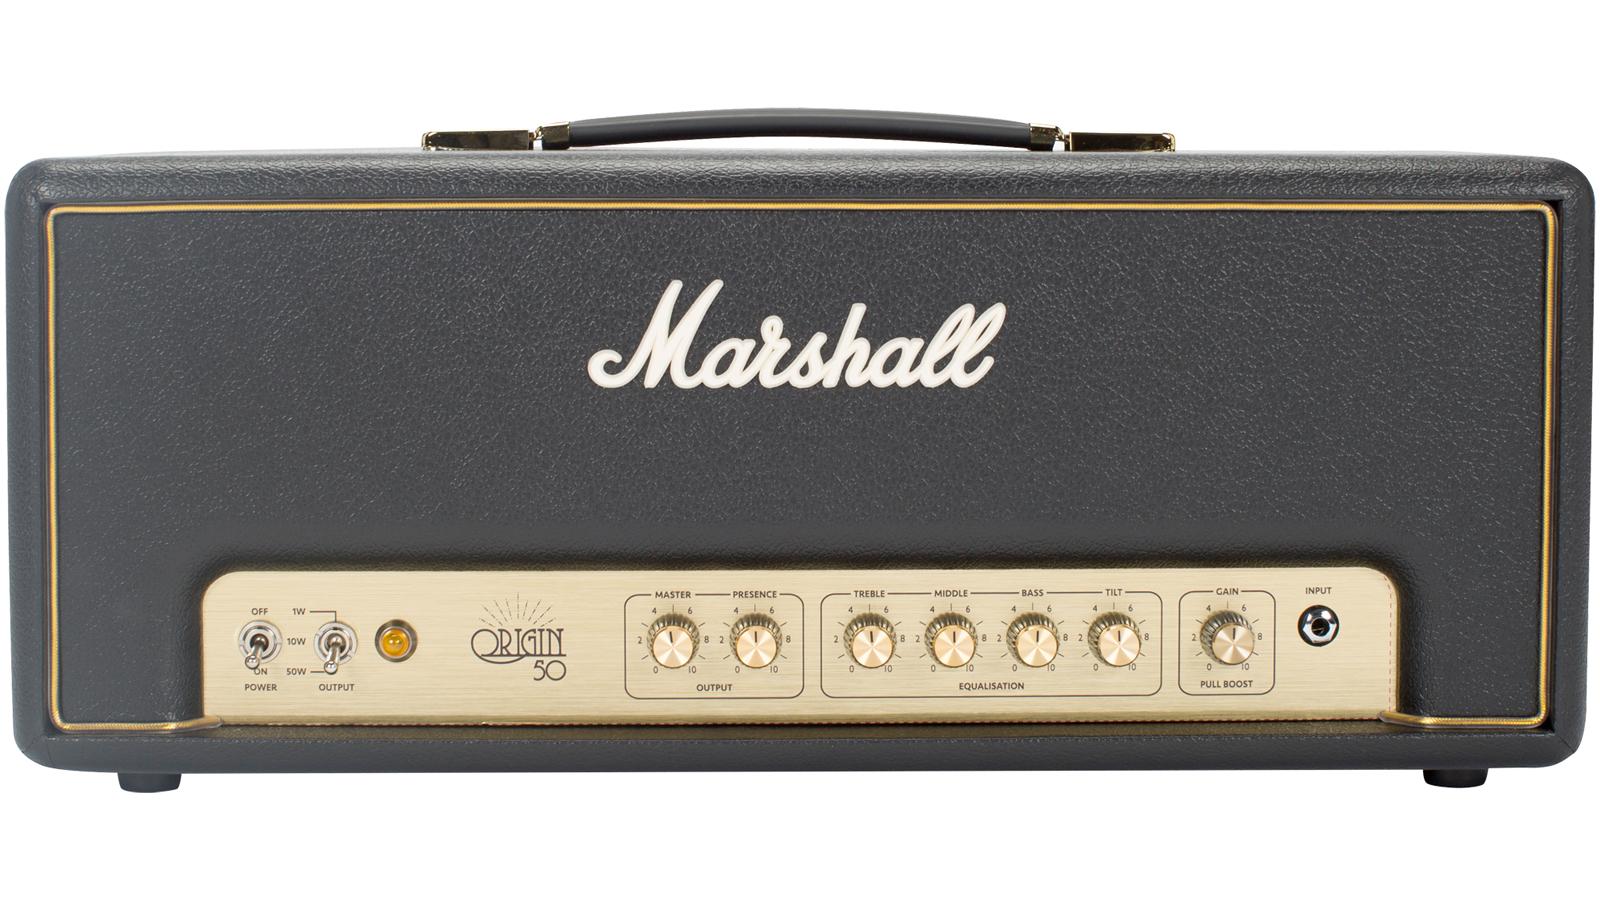 Marshall ORI50H Origin 50 Gitarrenverstärker